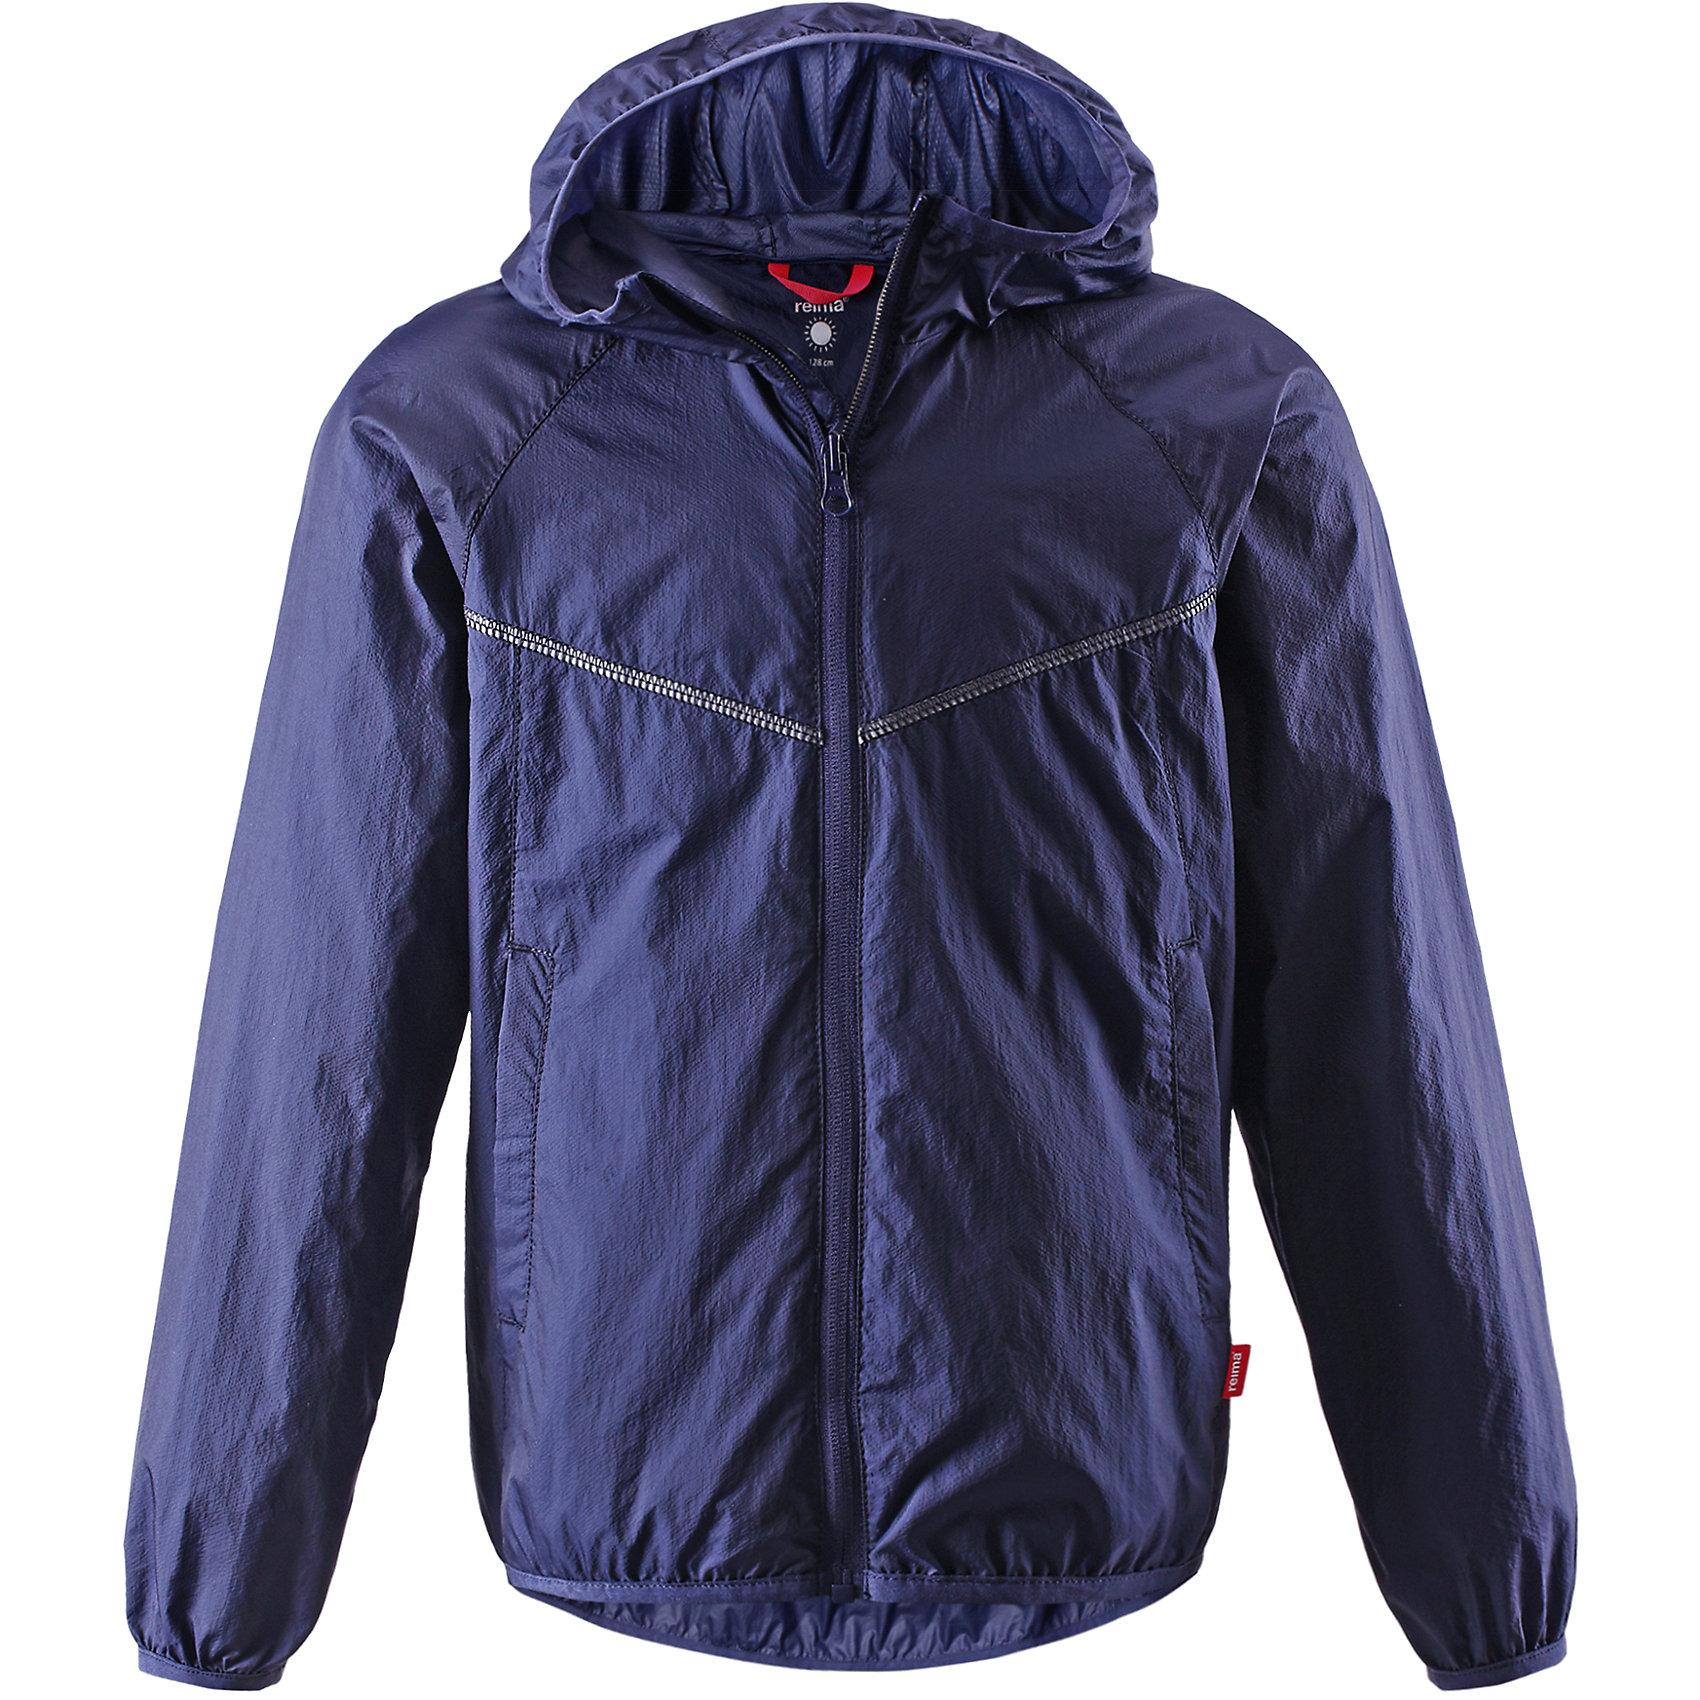 Куртка ReimaОдежда<br>Куртка от финской марки Reima.<br>*Куртка для подростков*Облегченный материал!*Эластичная резинка на кромке капюшона, манжетах и подоле*Возможность сложить куртку в ее собственный карман*Два боковых кармана<br>Состав:<br>100% ПА<br><br>Ширина мм: 356<br>Глубина мм: 10<br>Высота мм: 245<br>Вес г: 519<br>Цвет: синий<br>Возраст от месяцев: 60<br>Возраст до месяцев: 72<br>Пол: Унисекс<br>Возраст: Детский<br>Размер: 134,122,110,104,128,116,140<br>SKU: 4631549